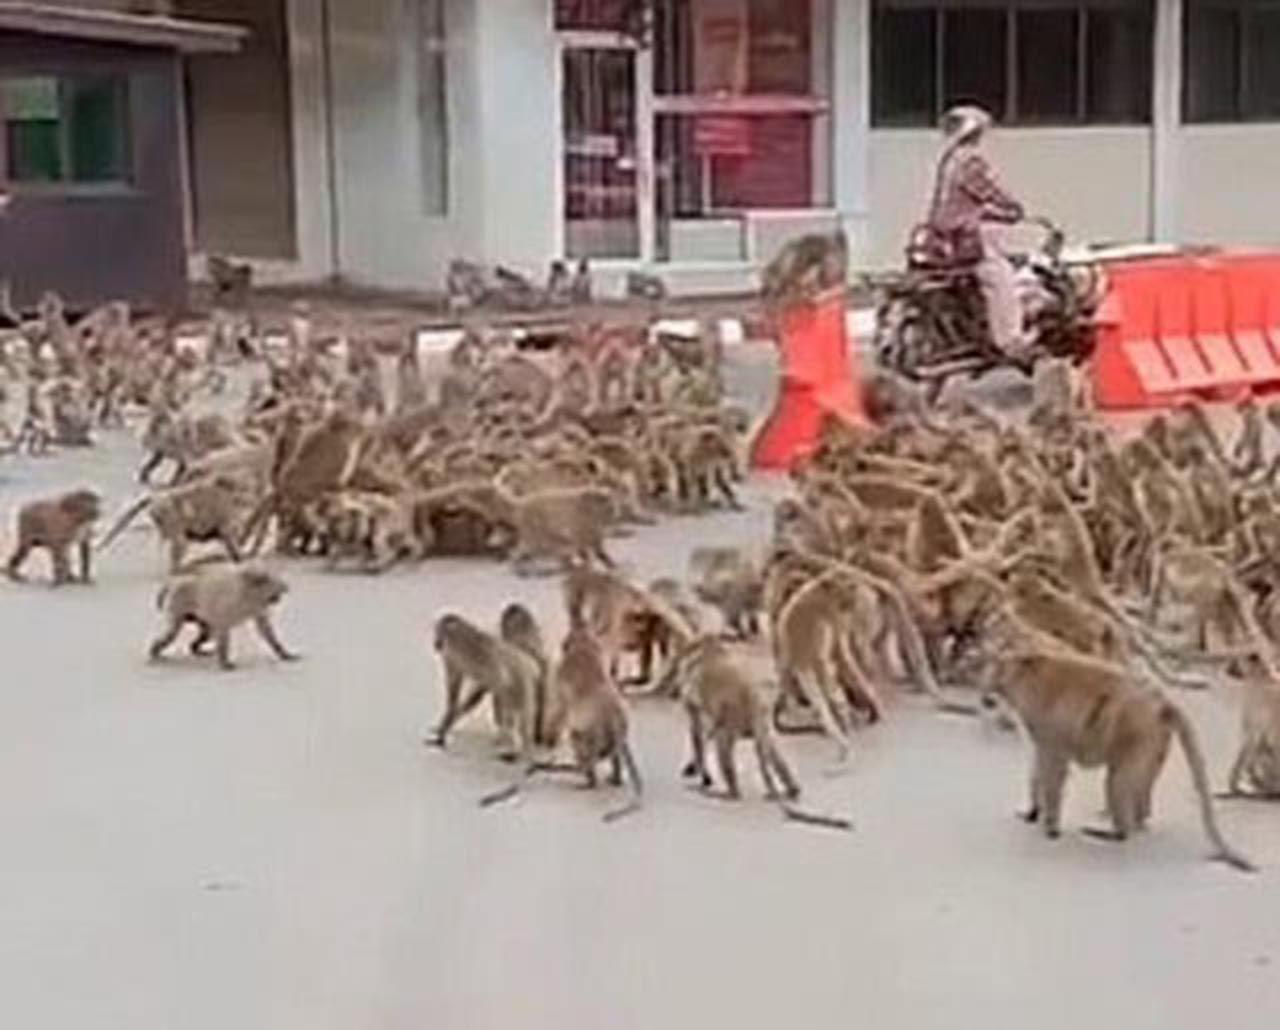 Maymunlar şehrin göbeğinde birbirine girdi - Resim: 3